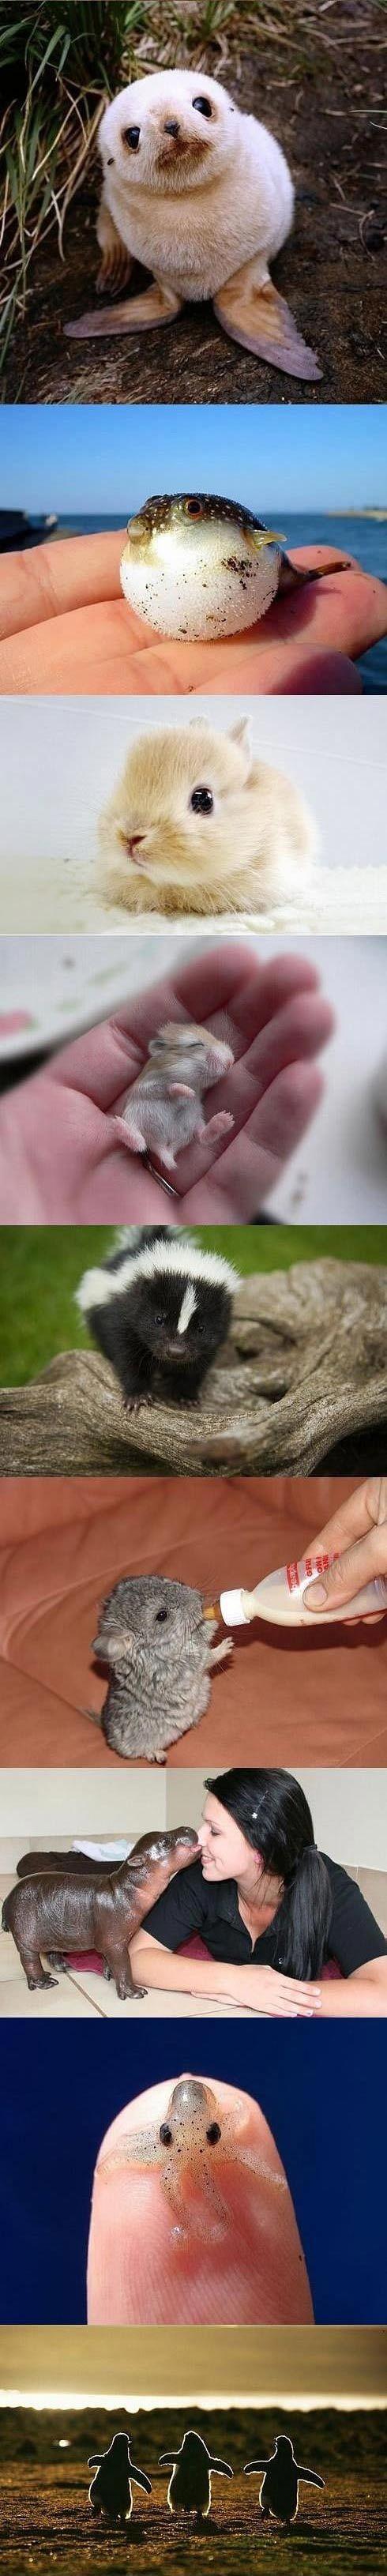 OMG. Adorable Precious Baby Animals  originally pinned via http://pinterest.com/alararox/